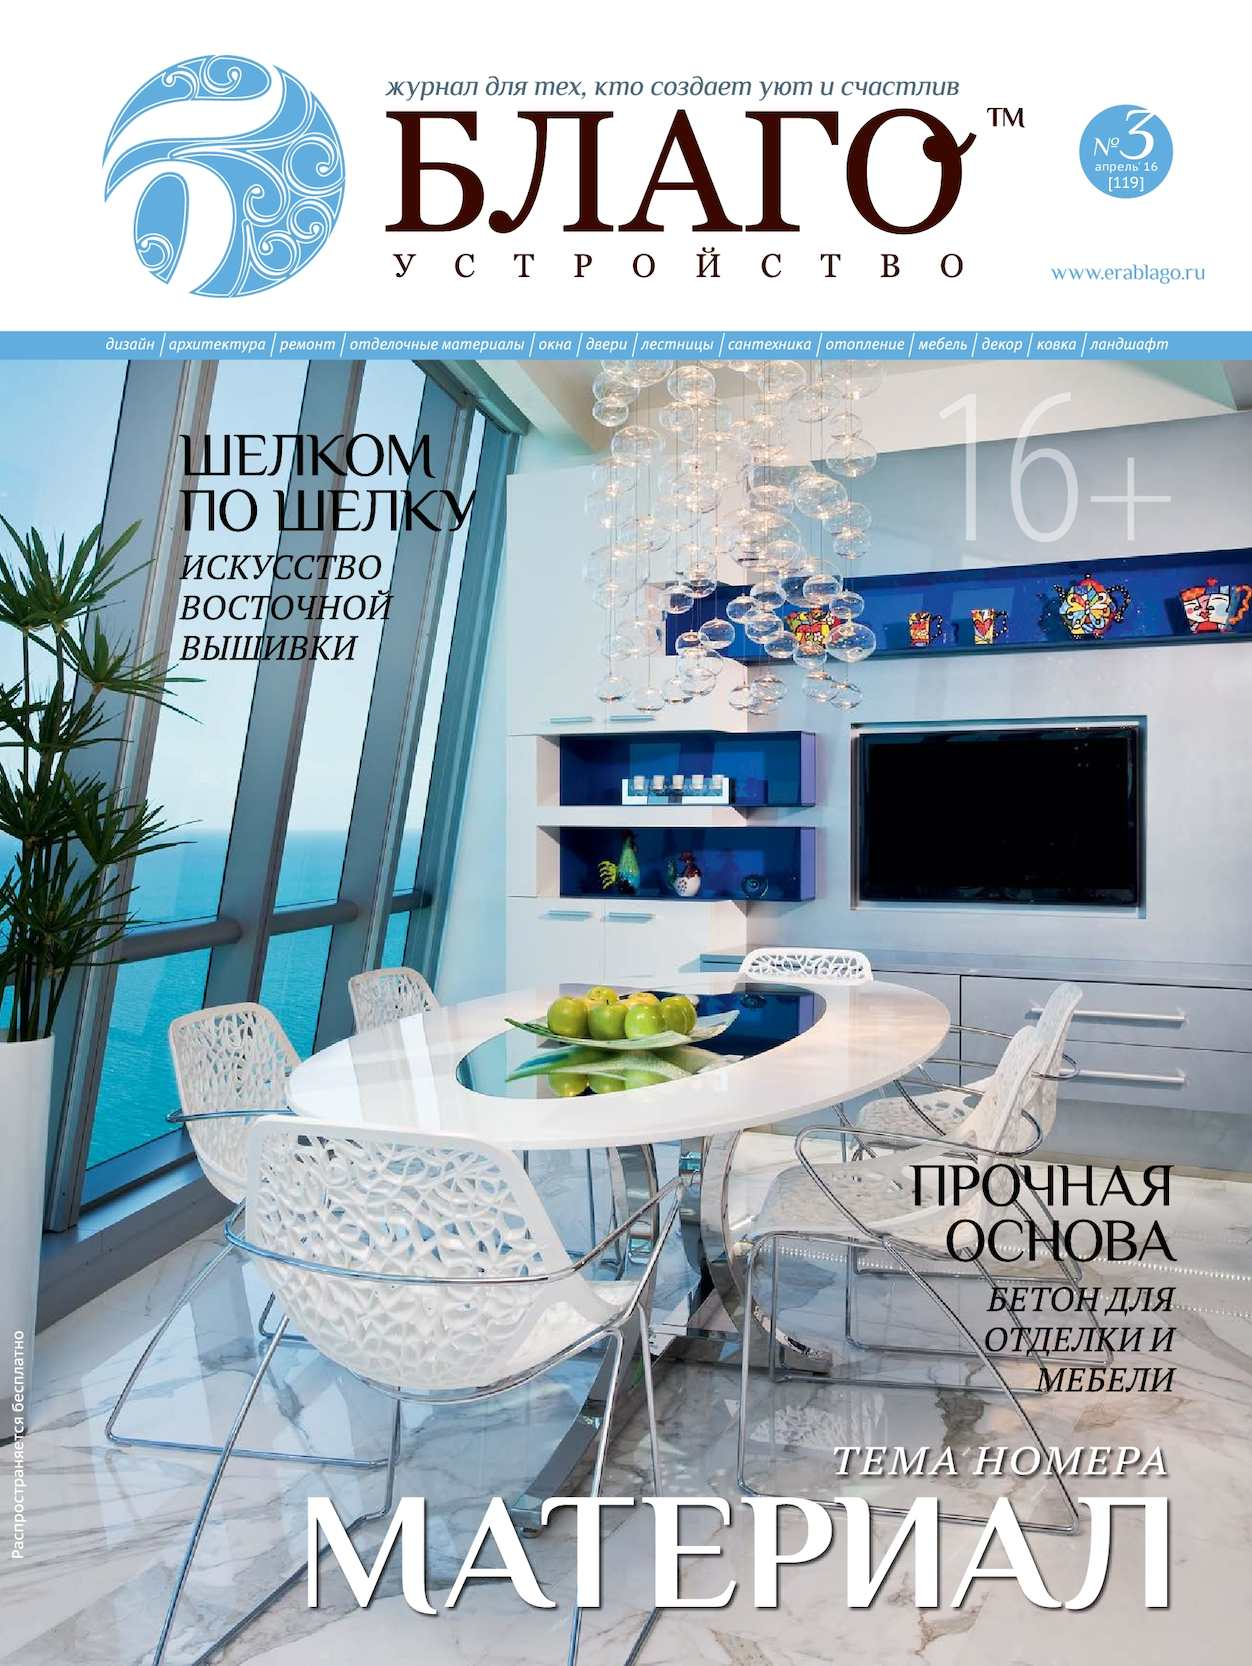 """Журнал """"Благоустройство"""", апрель 2016"""